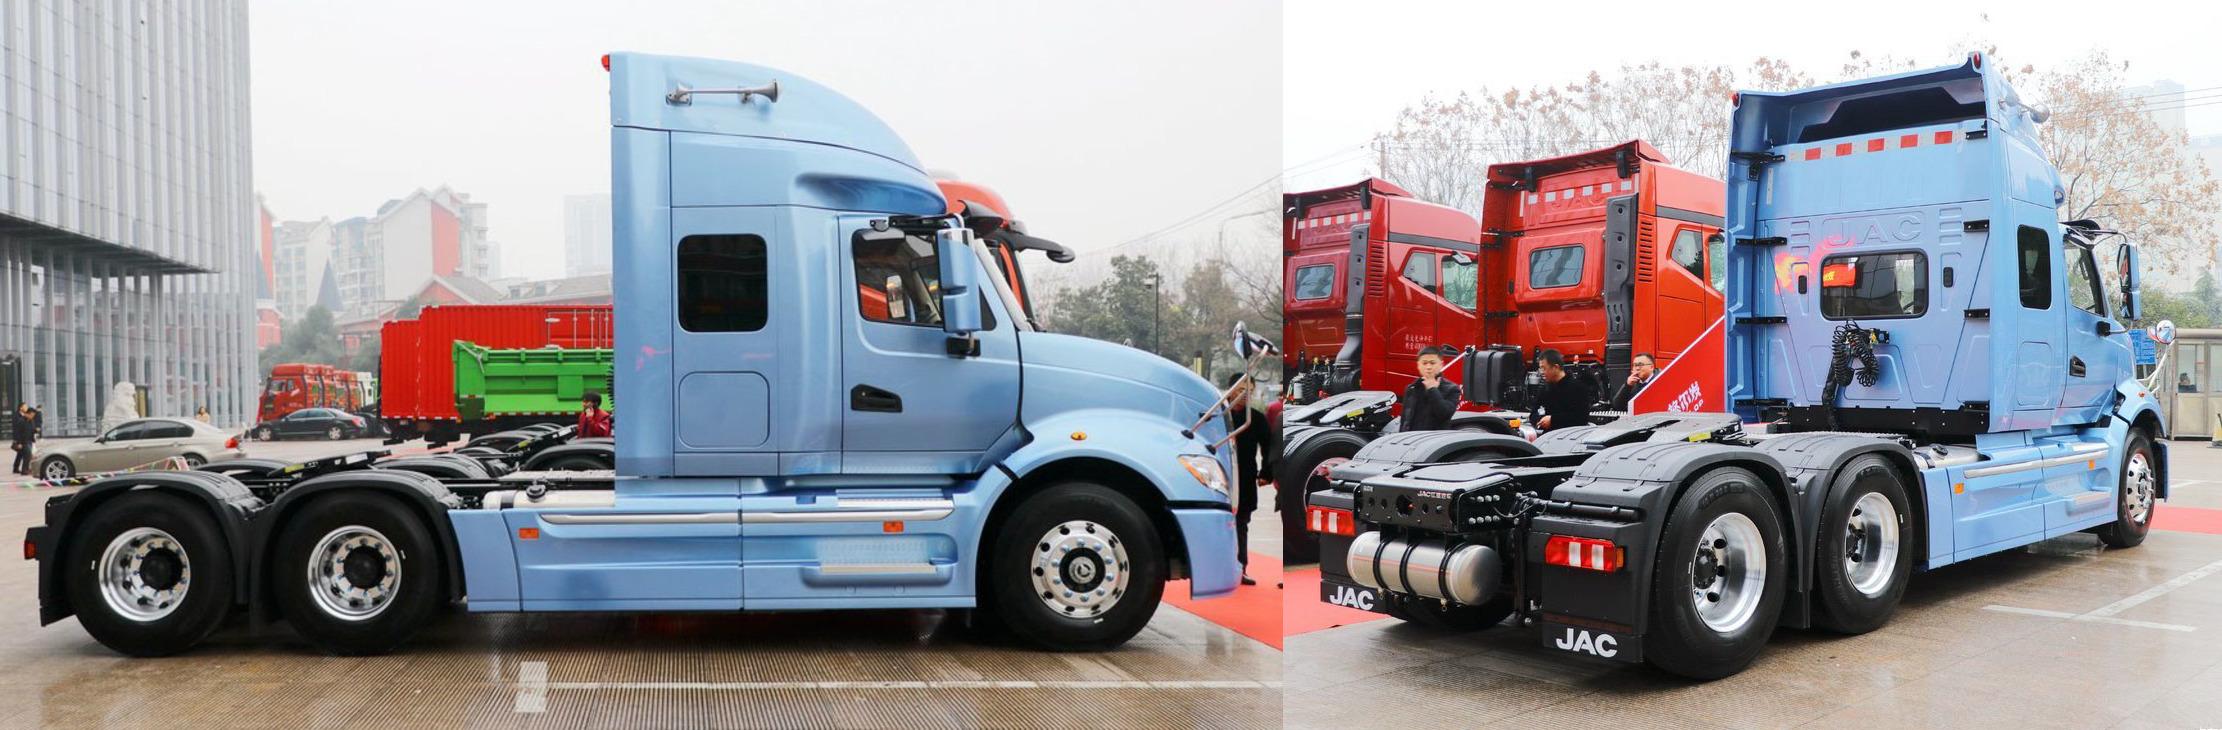 Китайский клон «ProStar» получил двигатель Евро-6 2